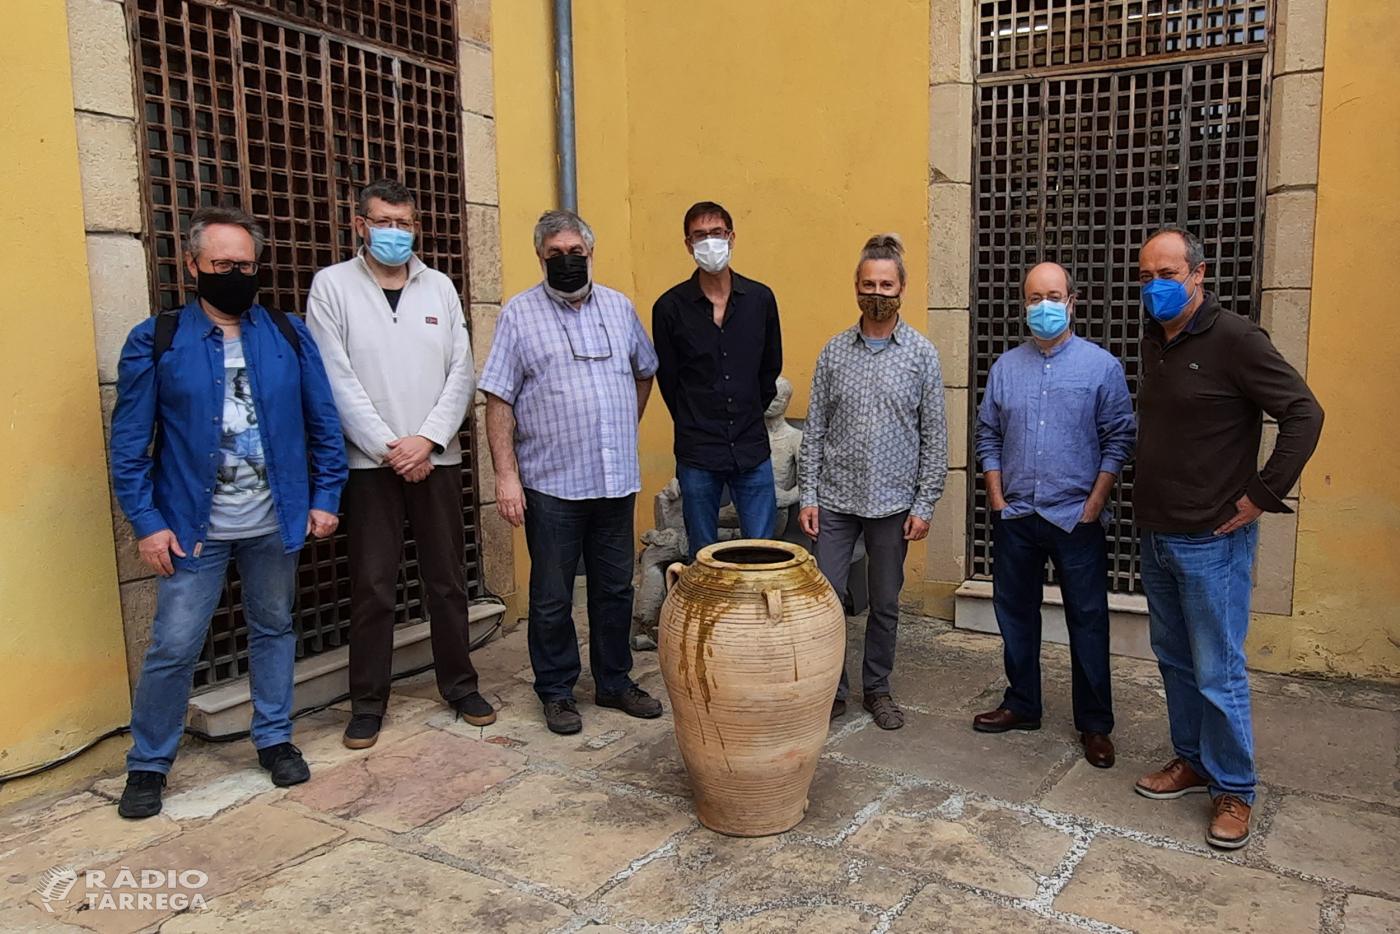 El Museu Tàrrega Urgell acull un simposi d'etnologia sobre la tradició artesanal de la terrissa